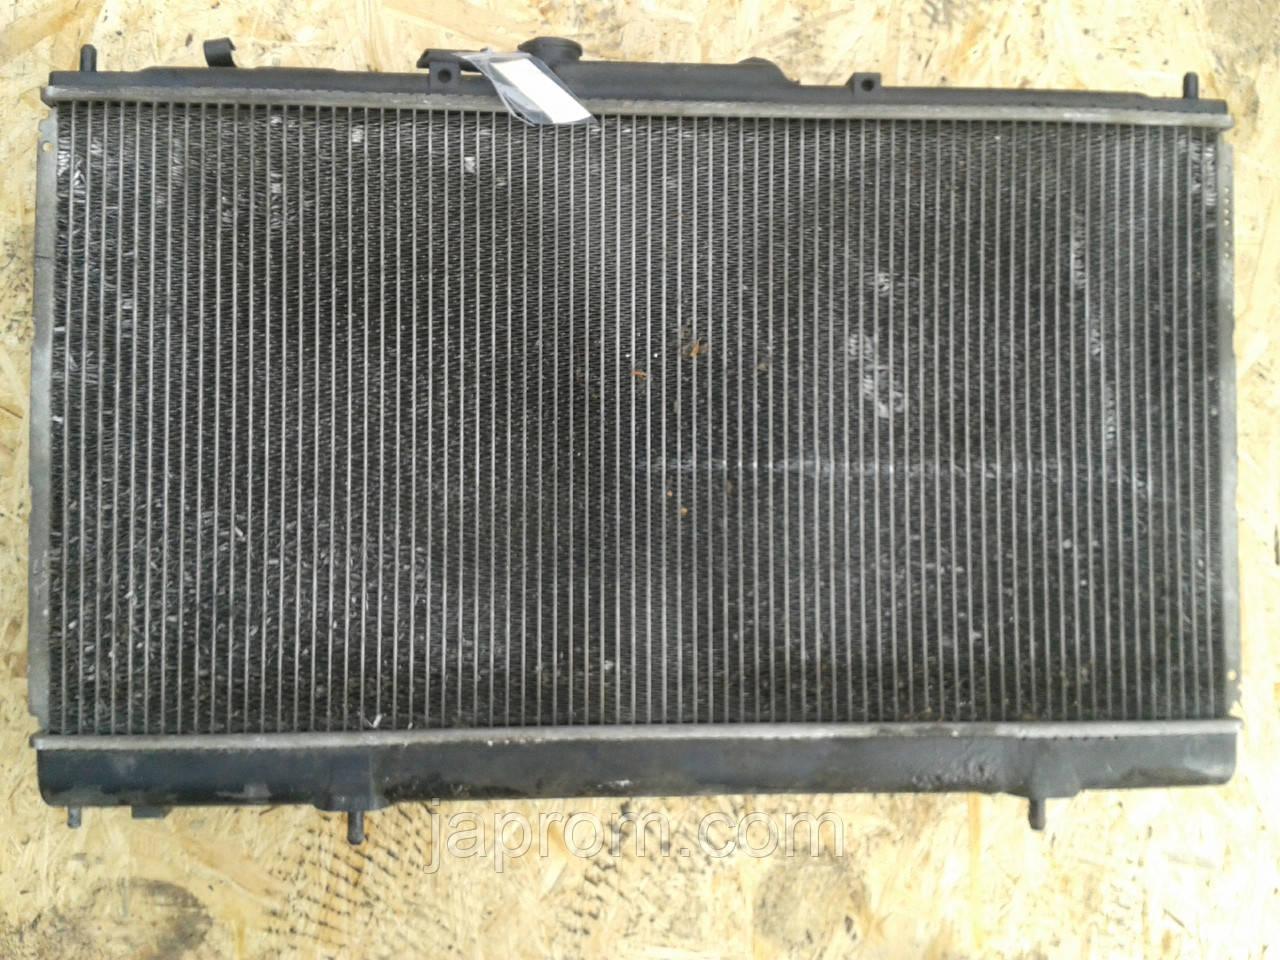 Радиатор охлаждение двигателя Mitsubishi galant 8 1996-2003г.в. 2.4 бензин